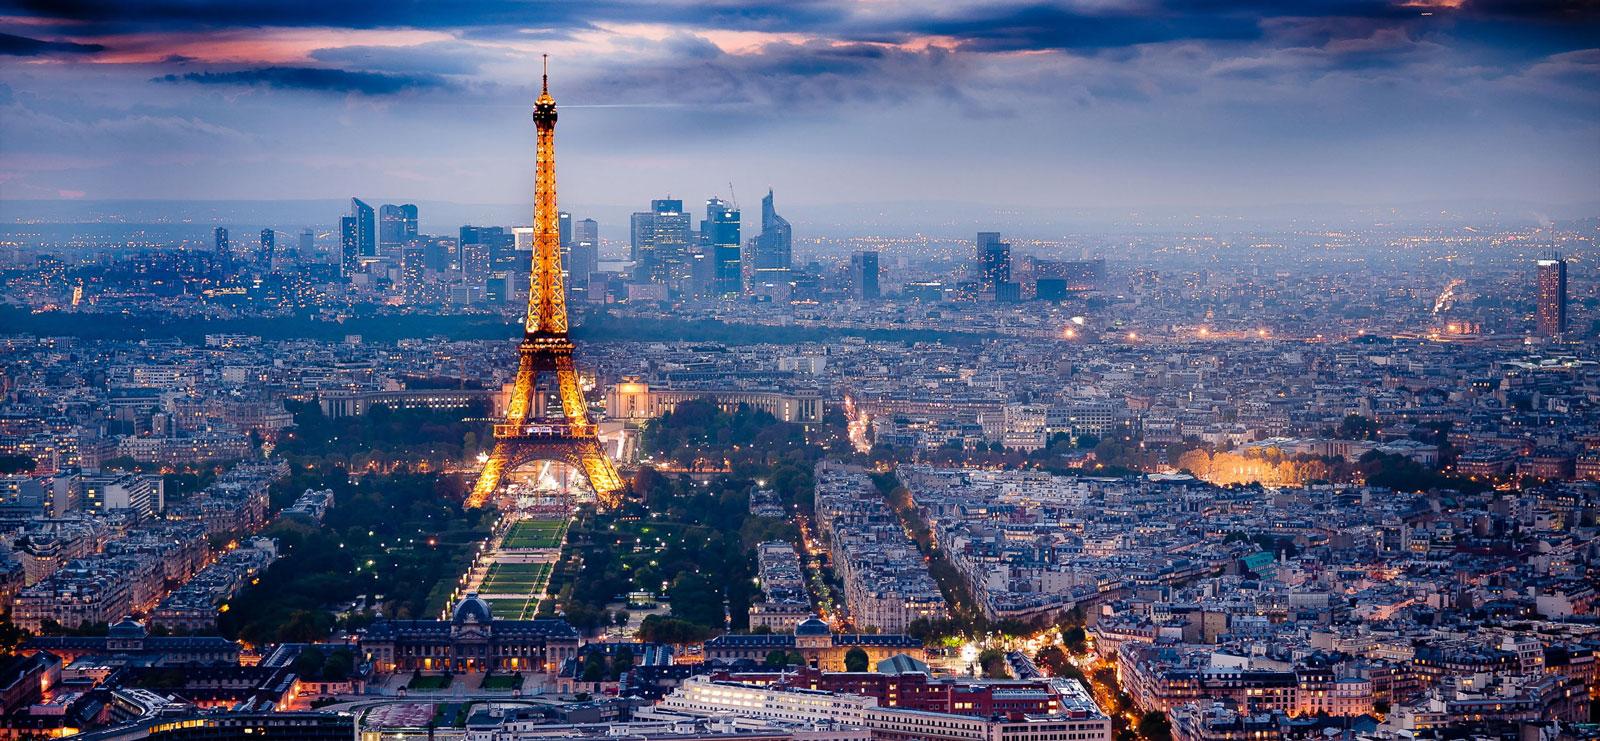 city landscape eiffel tower paris france 1024x640 flyaway